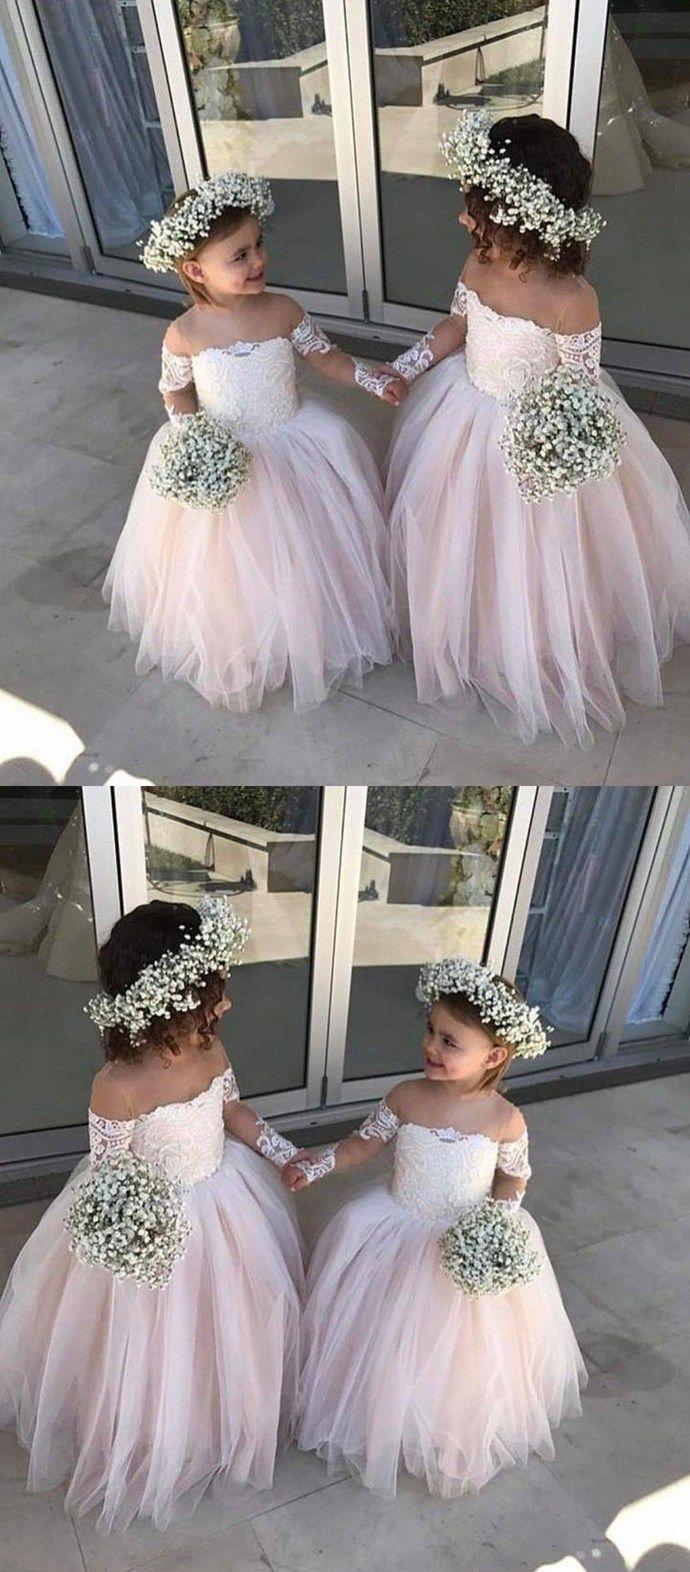 Adorable flower girl dresses for weddings little girls off the